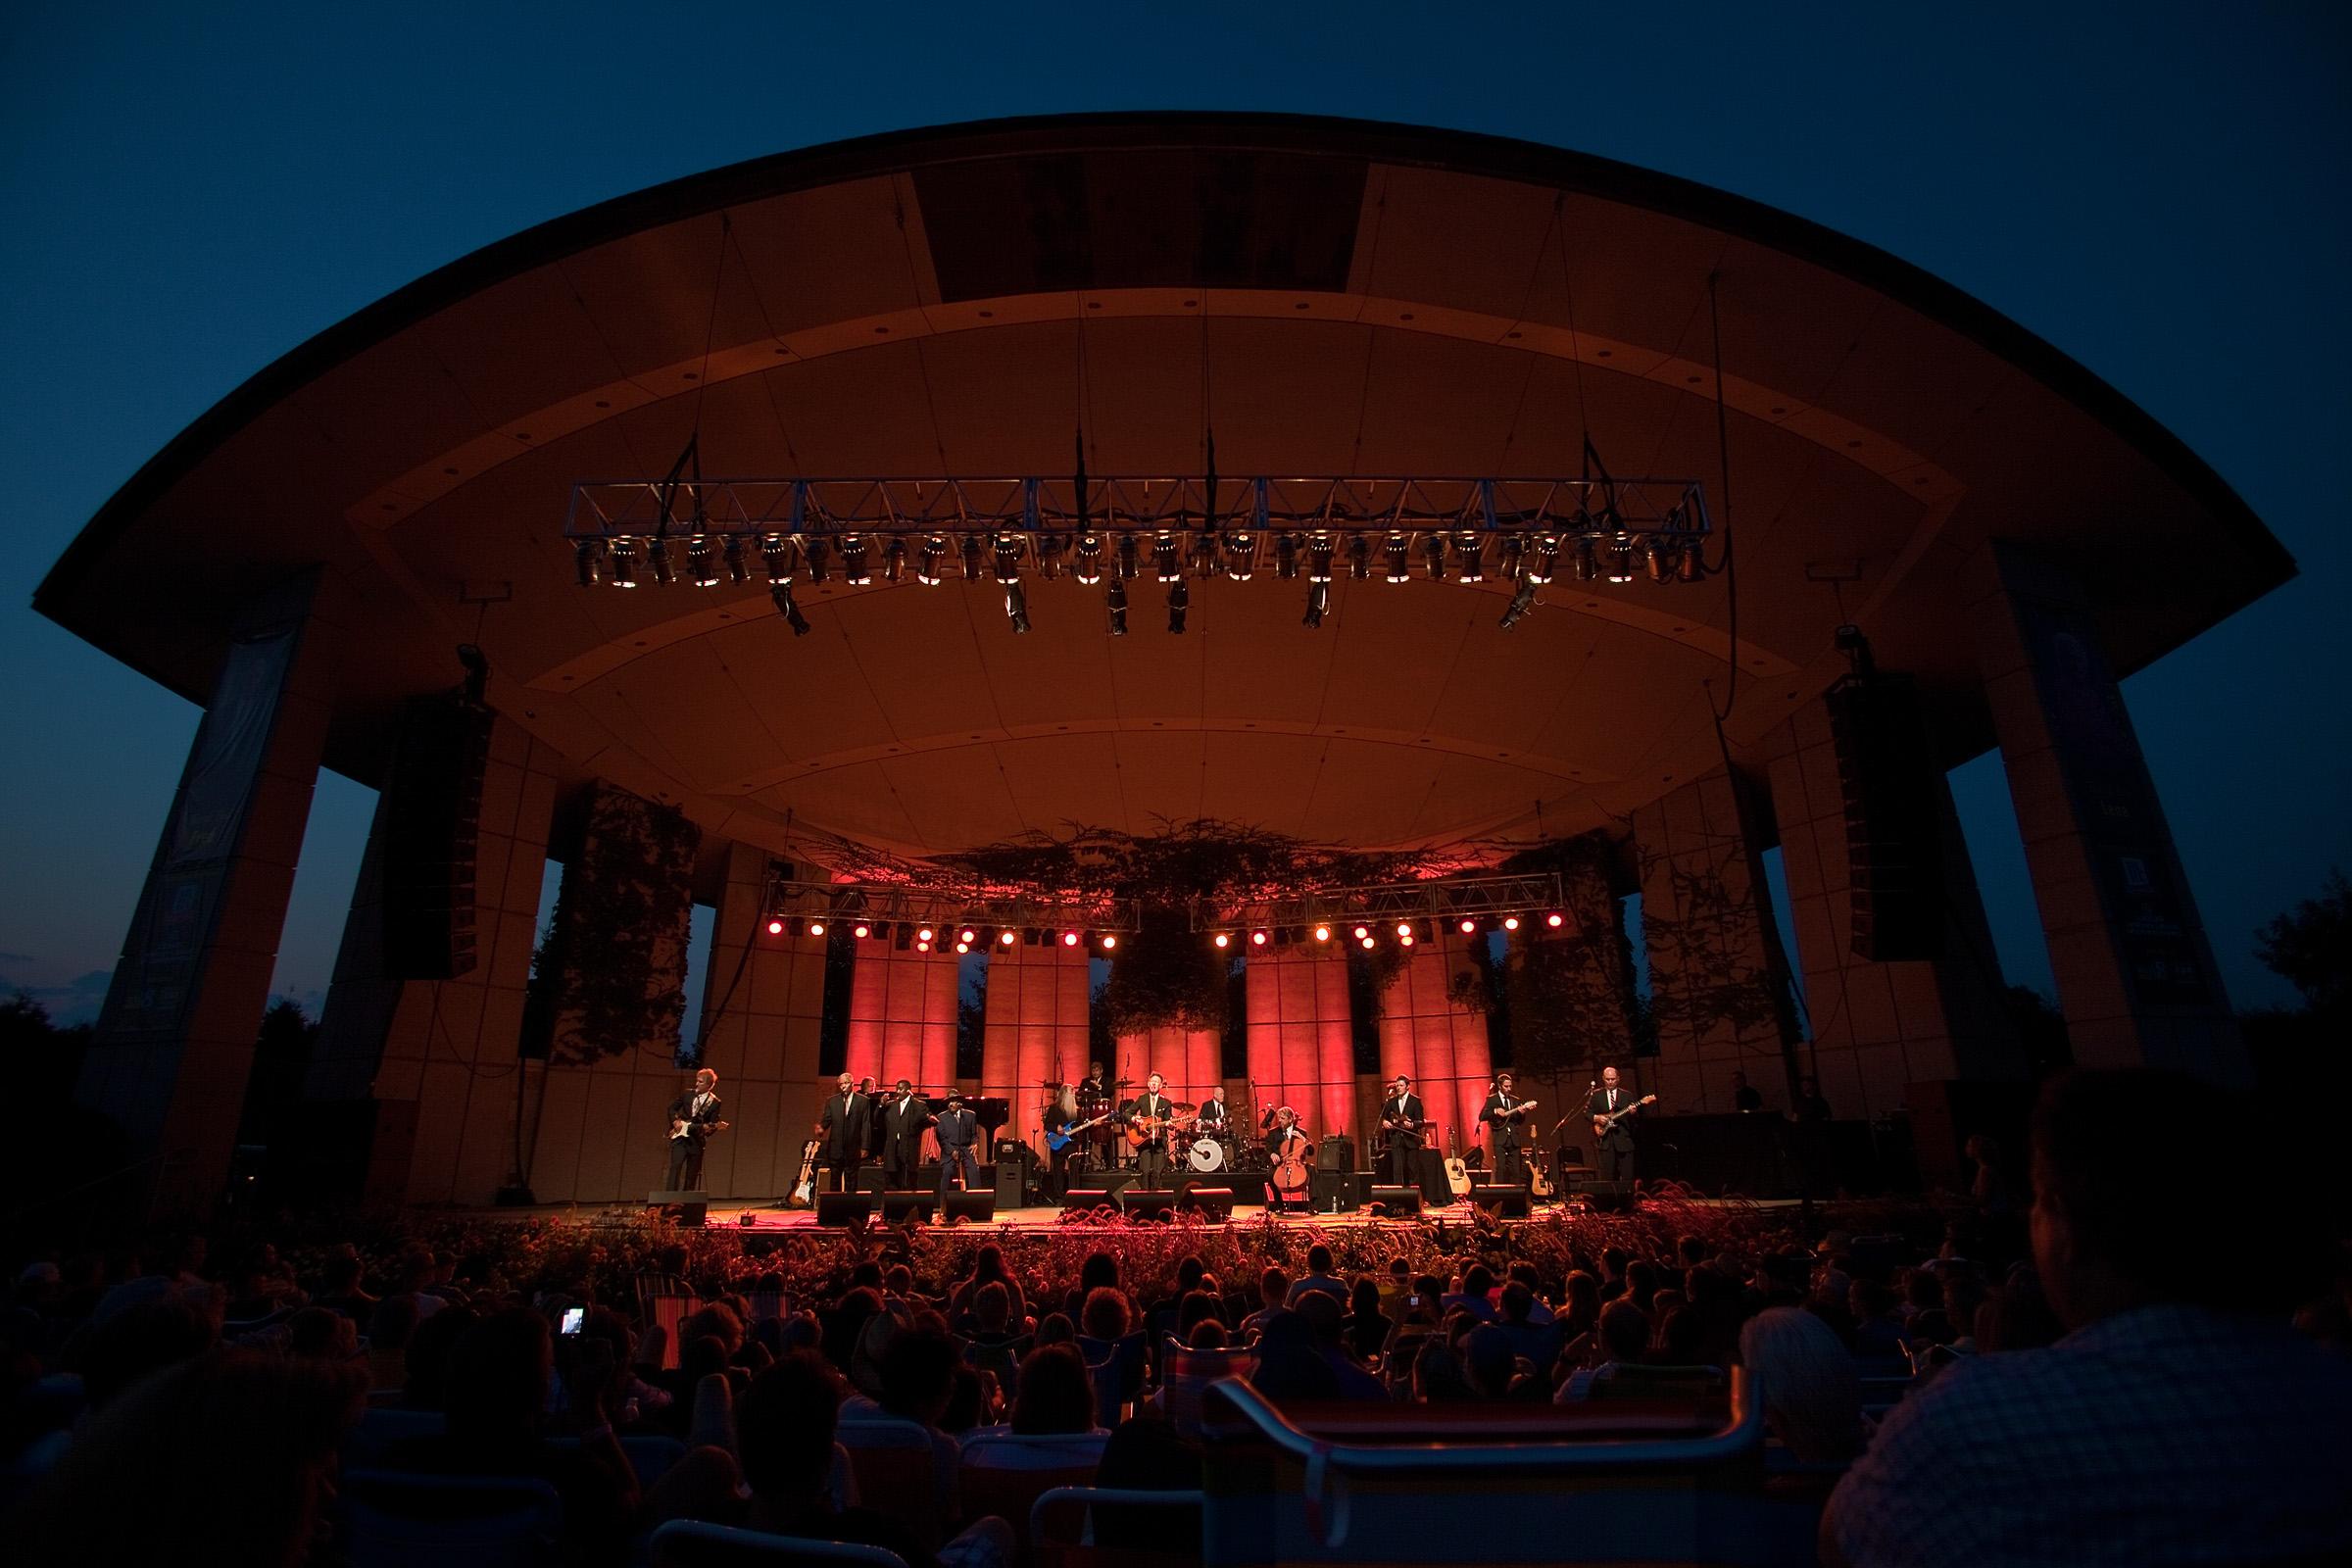 Meijer Gardens 2014 Outdoor Summer Concert Series Features Largest Lineup To Date